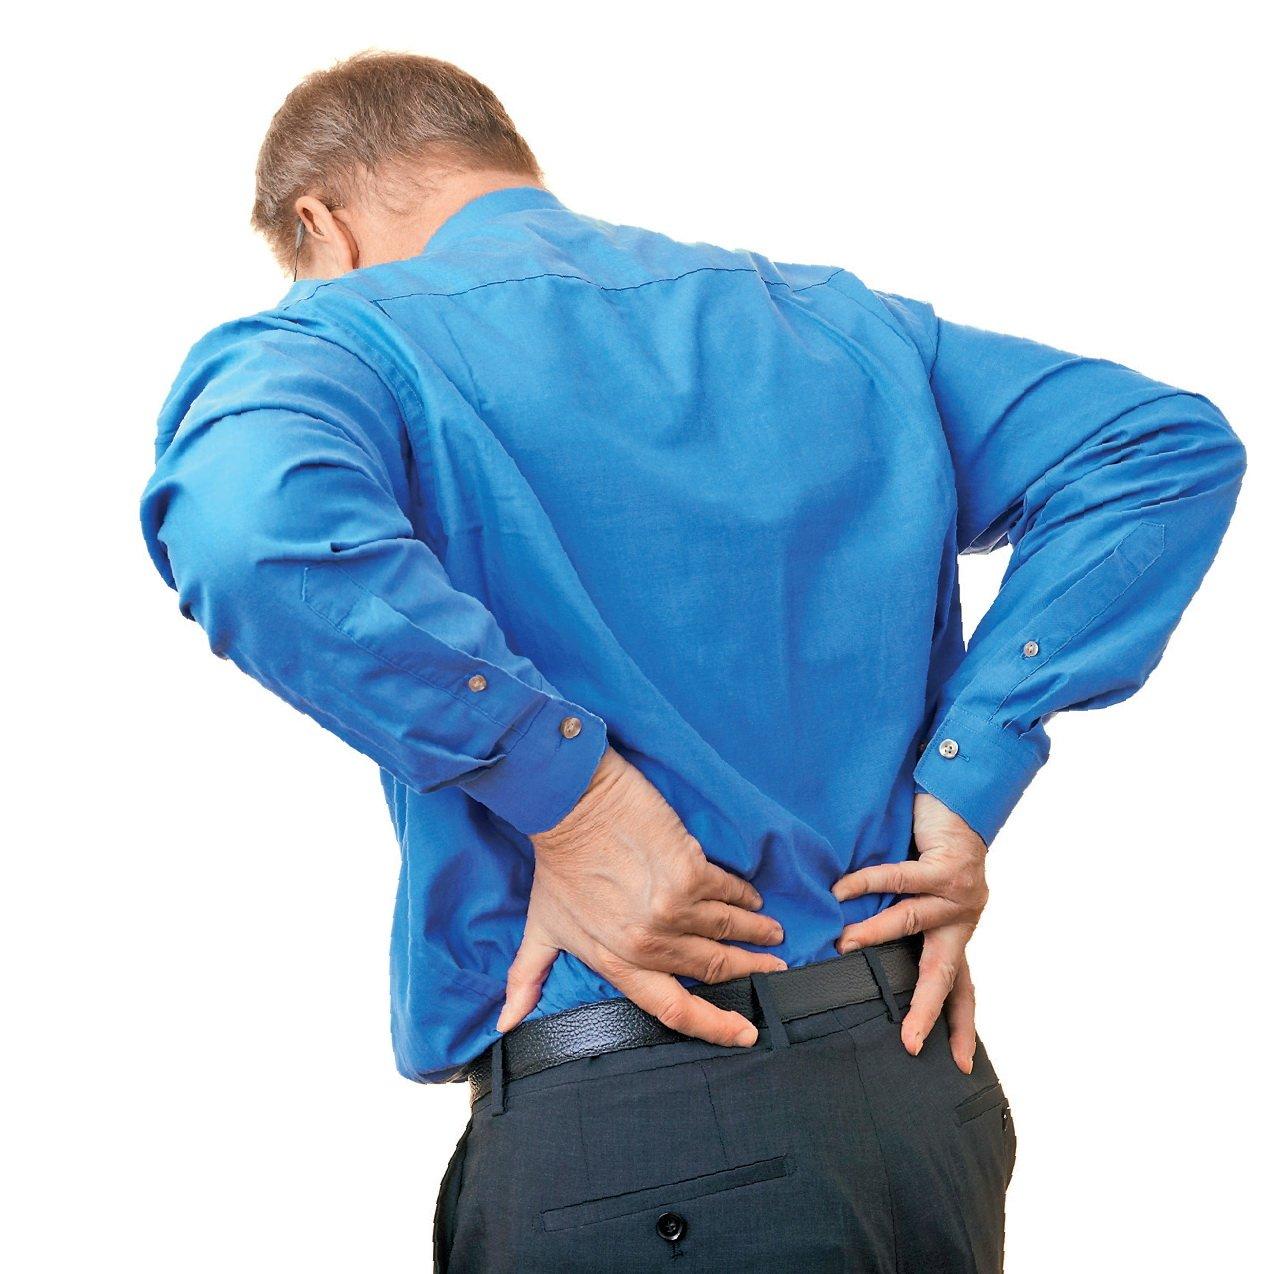 Боли при простатите у мужчин. Где болит, что и какие боли при хроническом простатите у мужчин